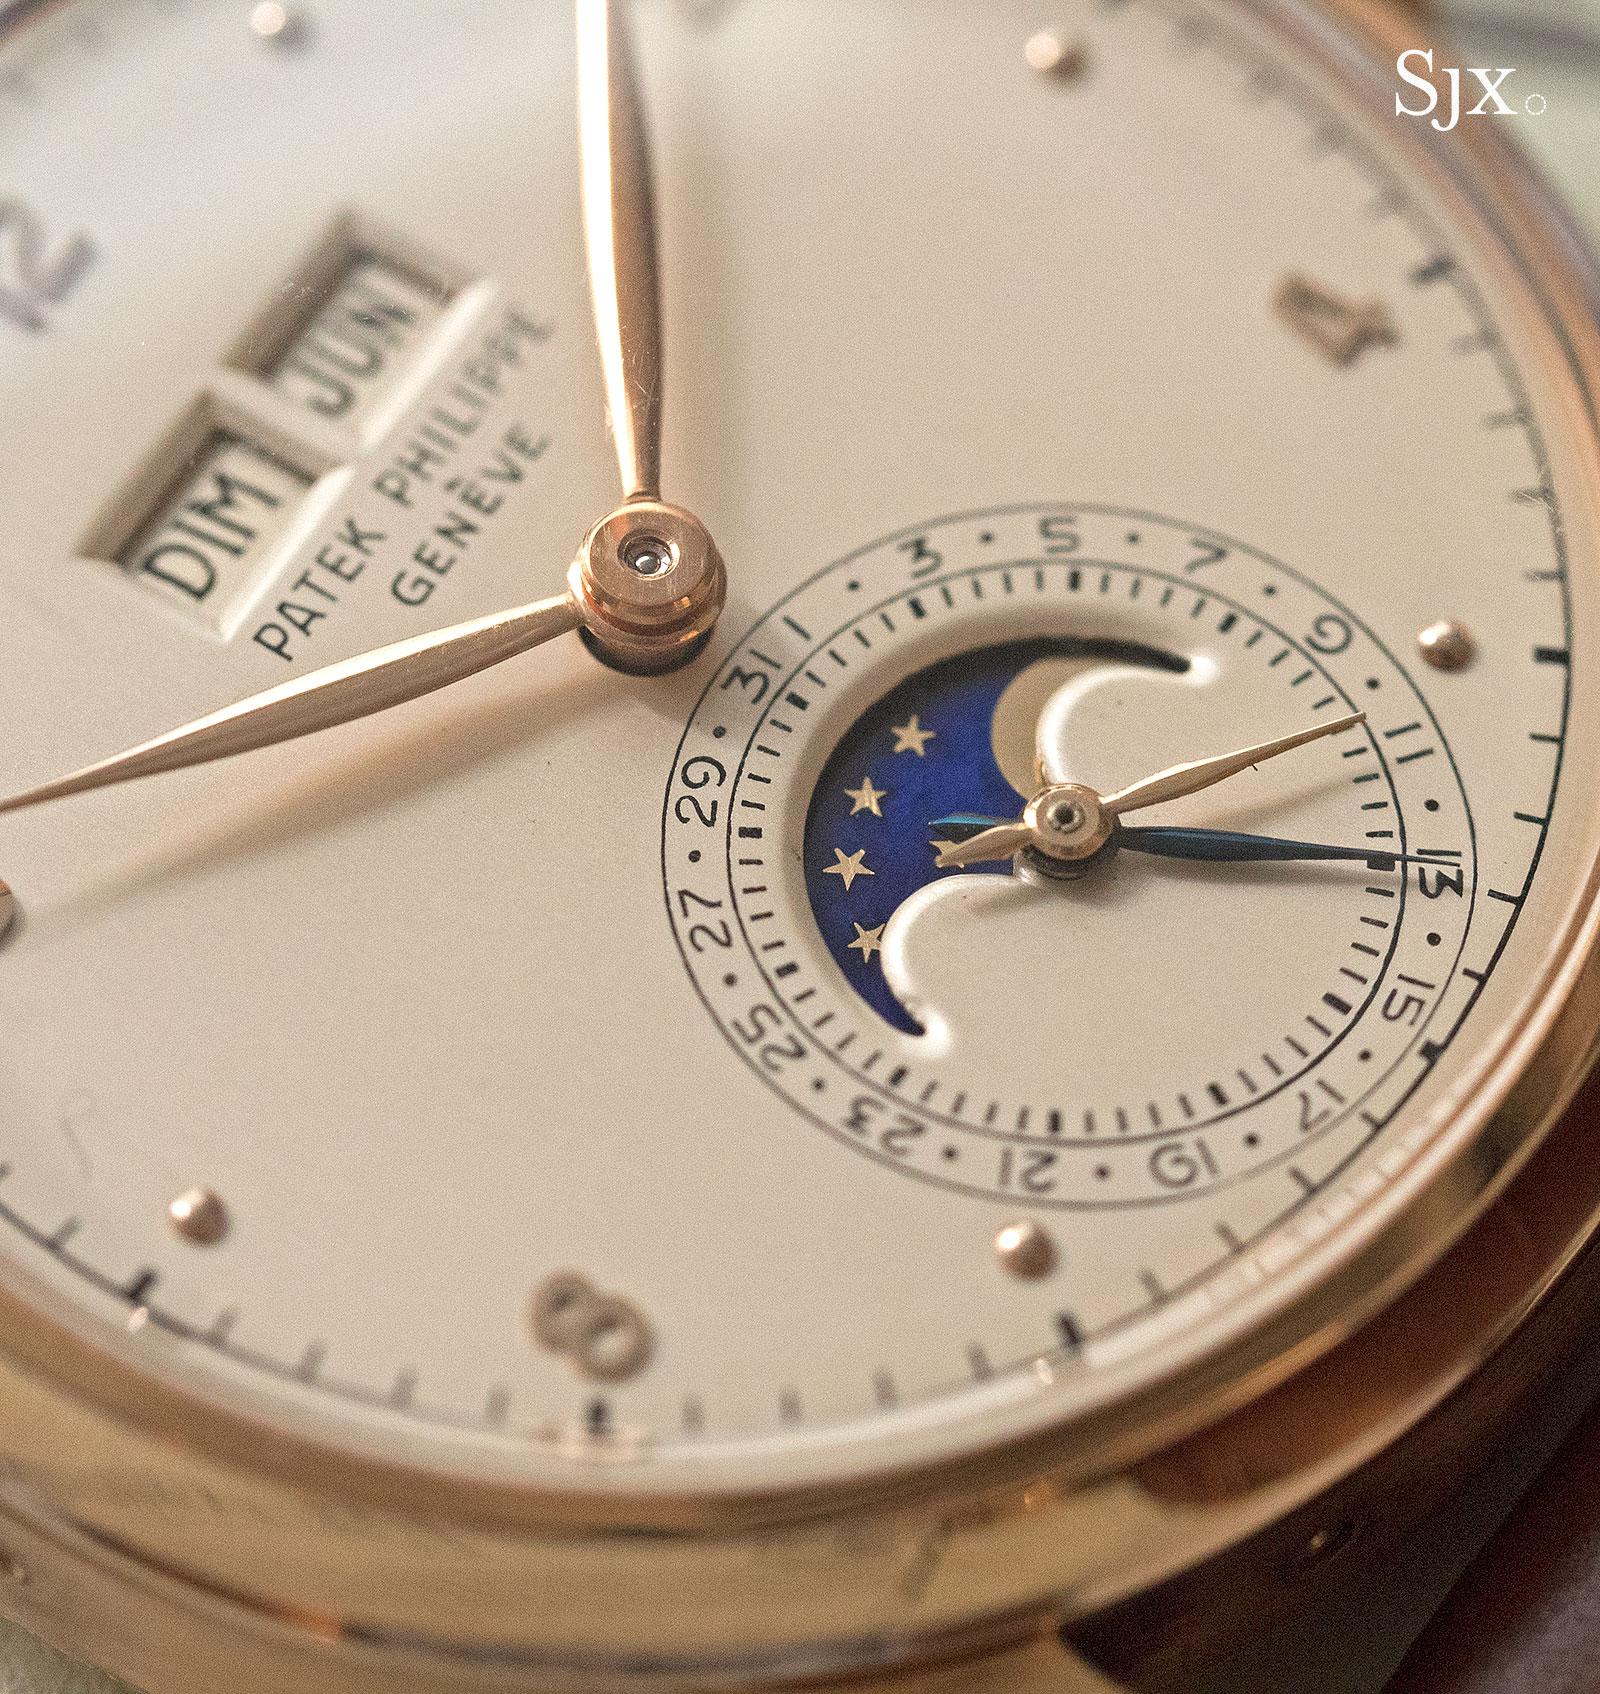 Phillips HKWA3 Patek Philippe 1526 perpetual calendar pink gold 3